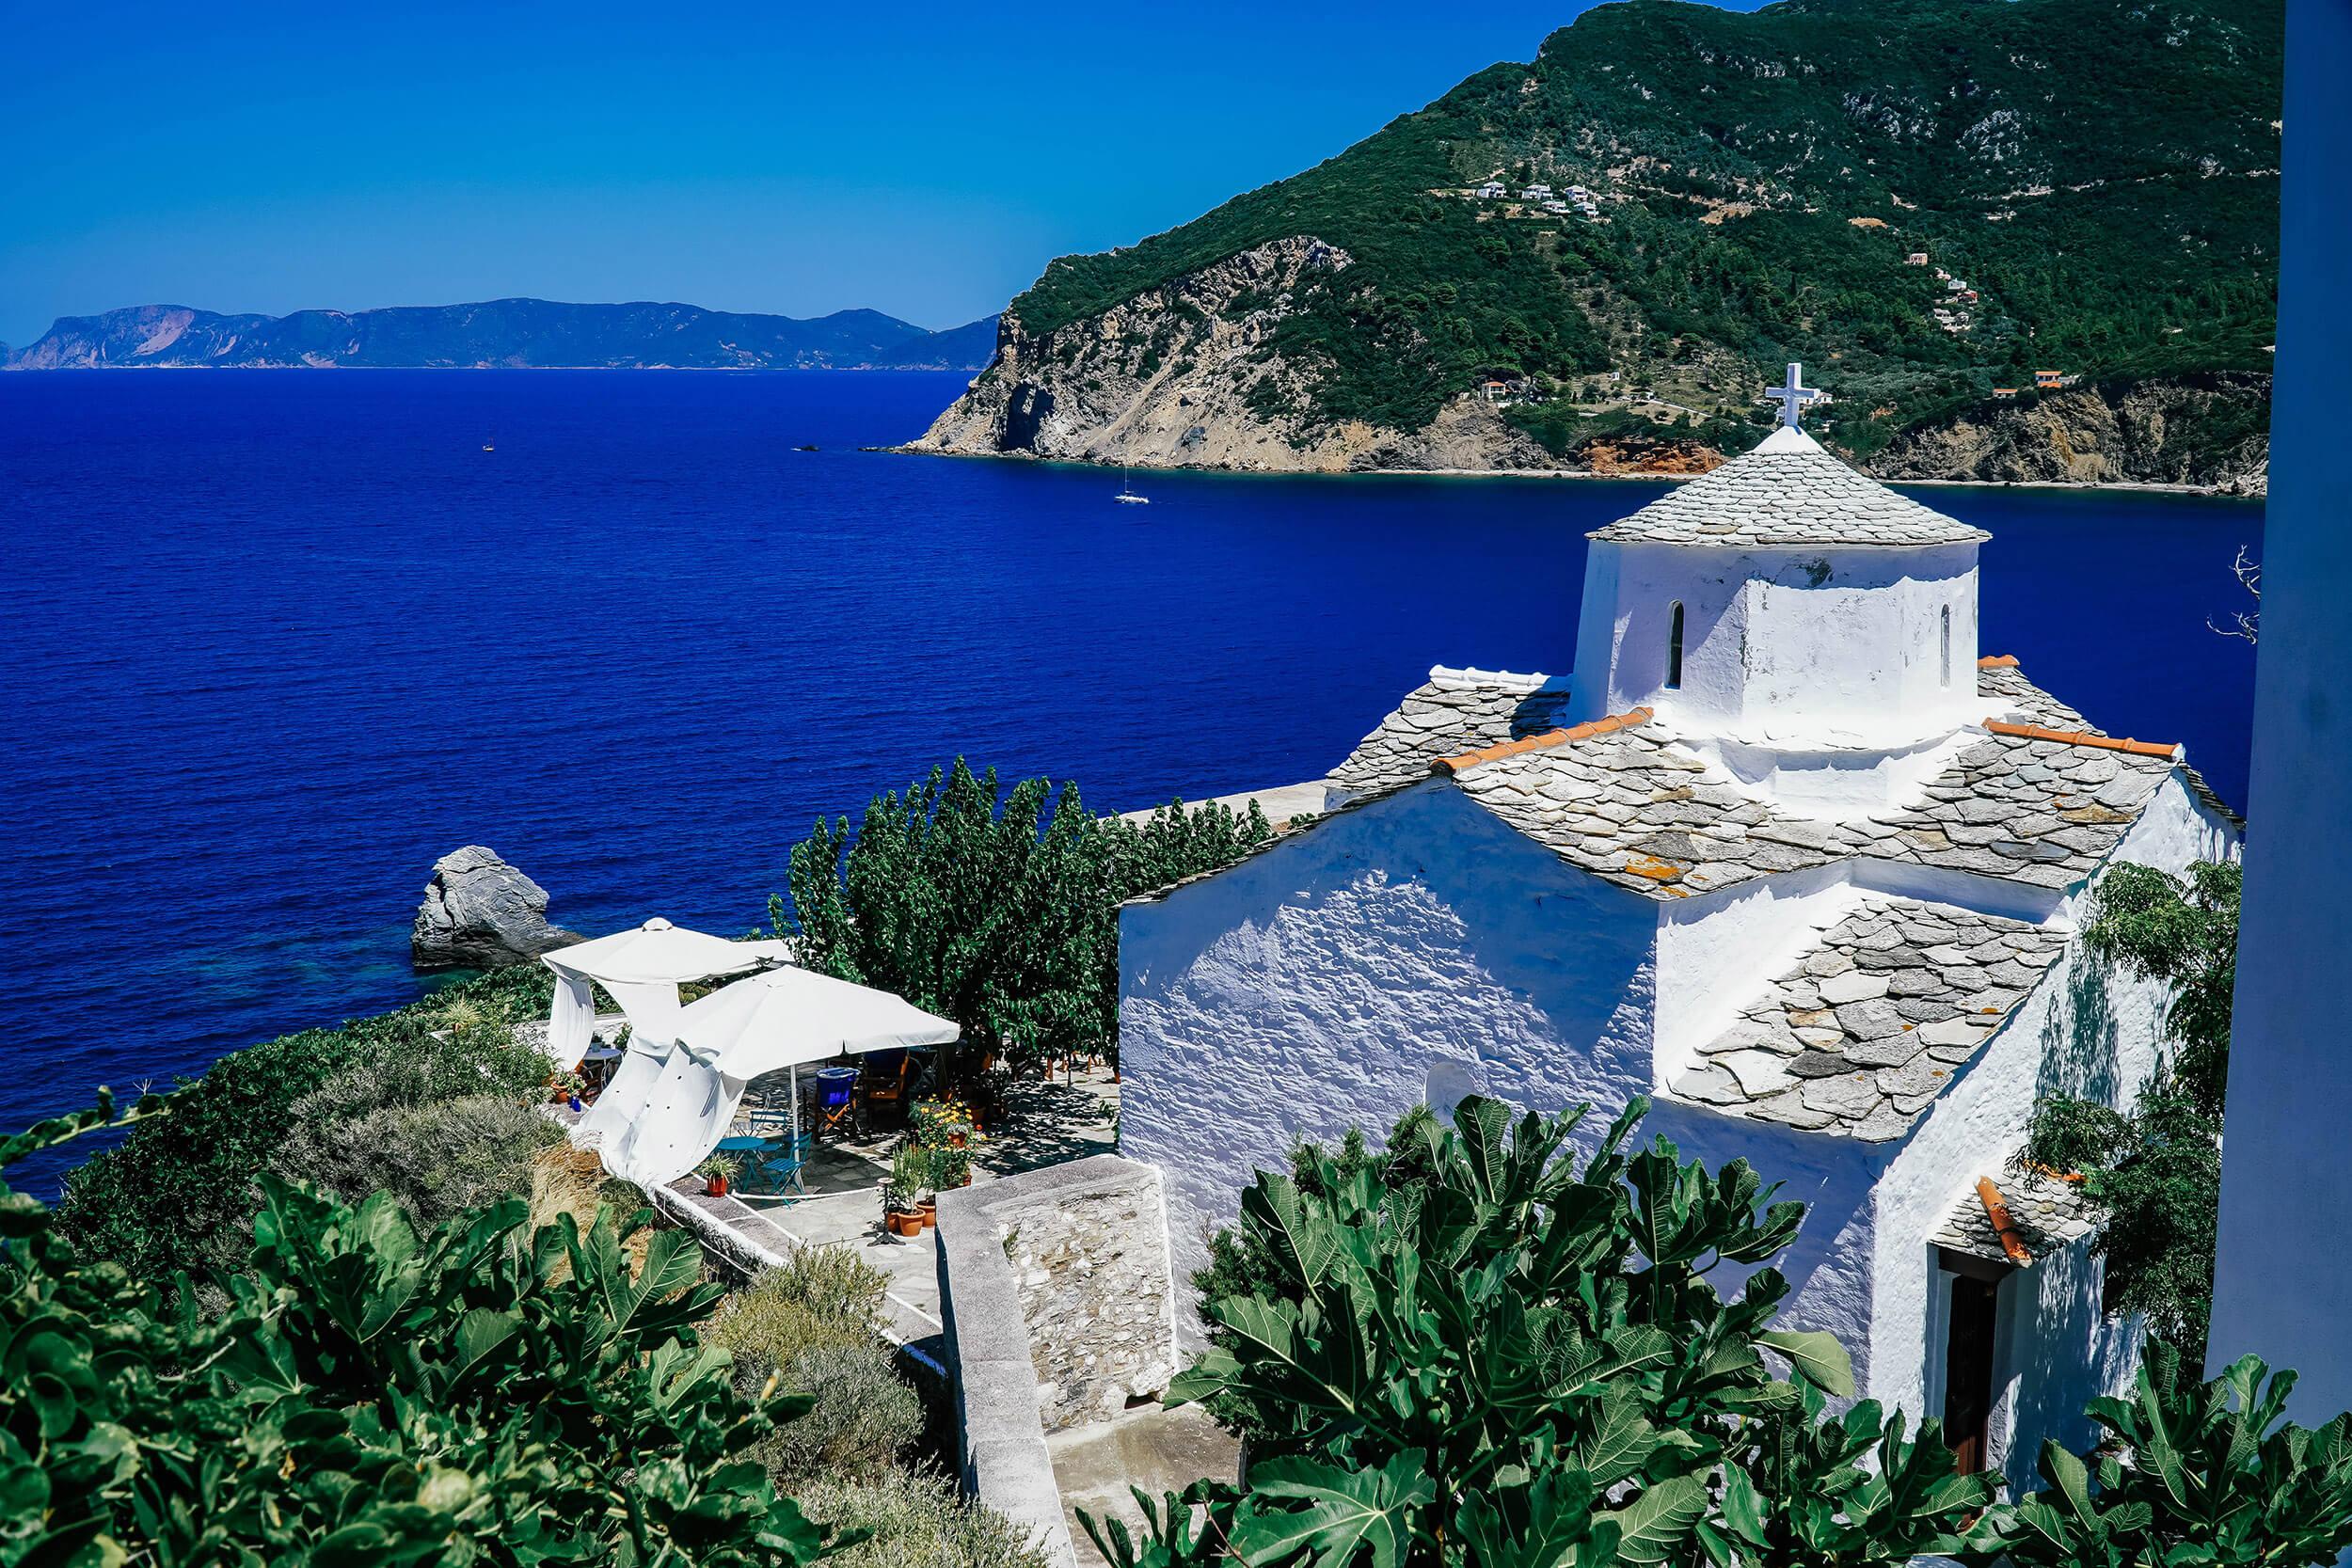 Die griechische Insel Skopelos ist zum Teil noch sehr ursprünglich und unberührt